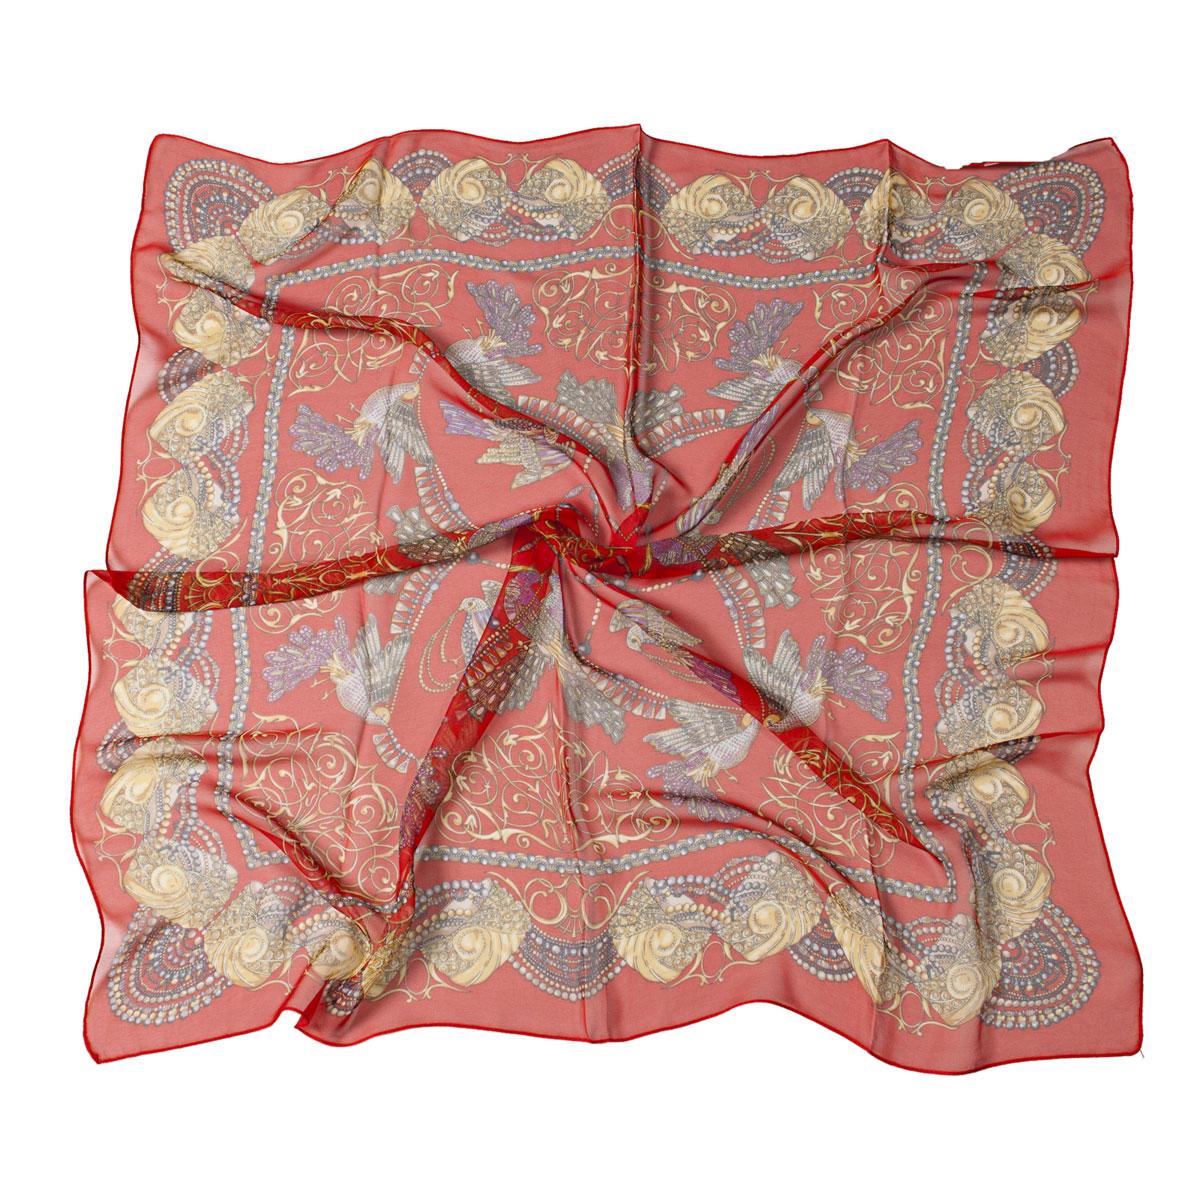 Платок23/0120/030Легкий и воздушный платок Модные истории станет великолепным завершением любого наряда. Платок изготовлен из высококачественного полиэстера с добавлением шелка. Он оформлен красочным этническим принтом с изображением птиц. Классическая квадратная форма позволяет носить его на шее, украшать прическу или декорировать сумочку. Мягкий и шелковистый платок поможет вам создать оригинальный женственный образ. Такой платок превосходно дополнит любой наряд и подчеркнет ваш неповторимый вкус и элегантность.